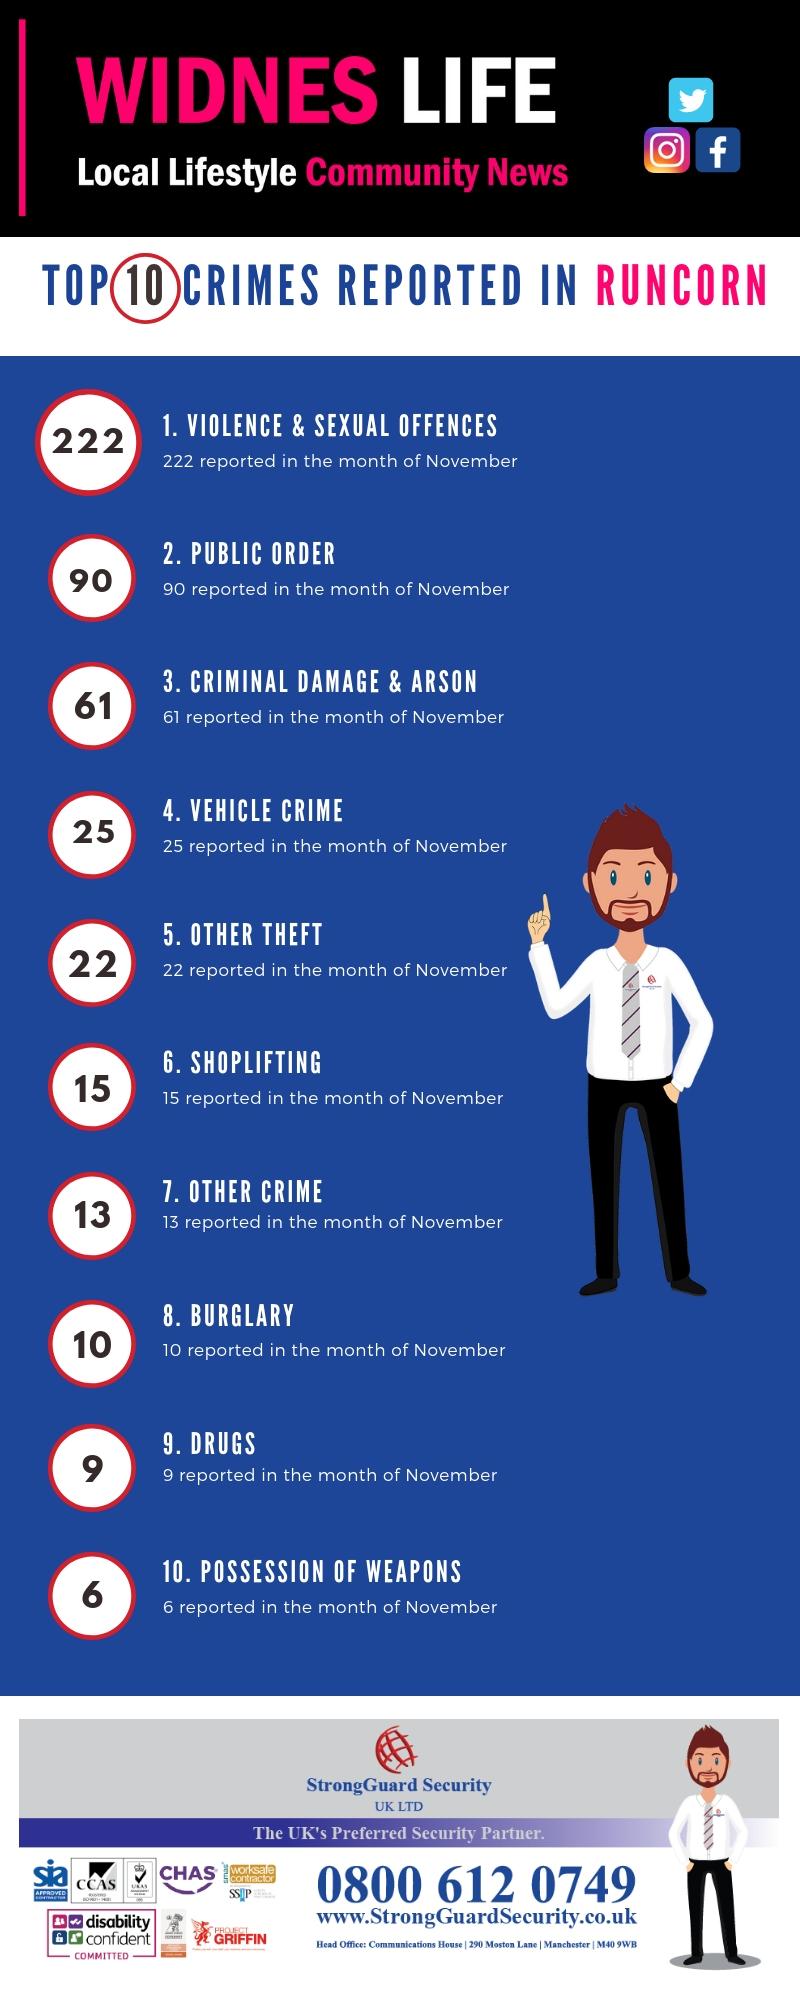 10 MOST REPORTED CRIMES IN RUNCORN - NOVEMBER 2018